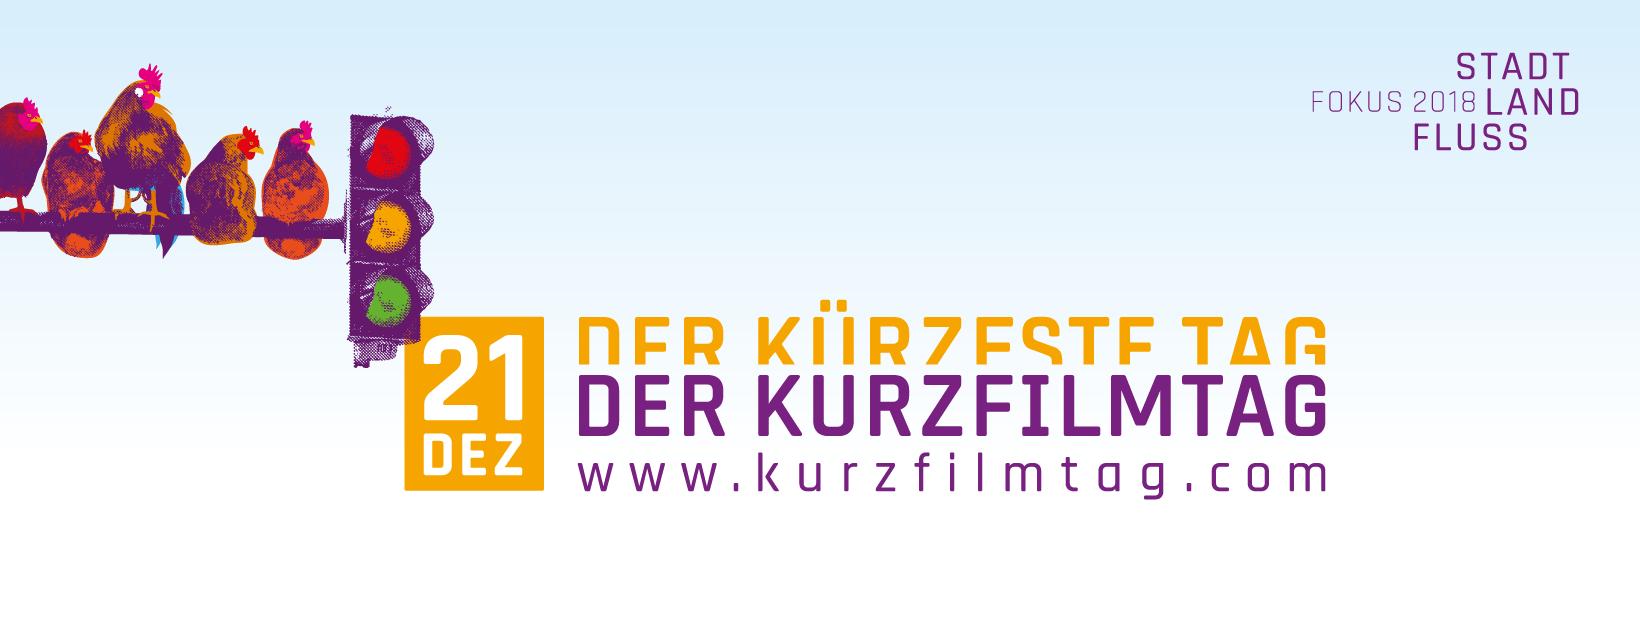 Plakat DER KURZFILMTAG: Auf einem hellblauen Hintergrund ist eine lilafarbene Ampel zu sehen. Auf der Stange, an der sie befestigt ist, sitzen fünf Hühner in unterschiedlichen Positionen.